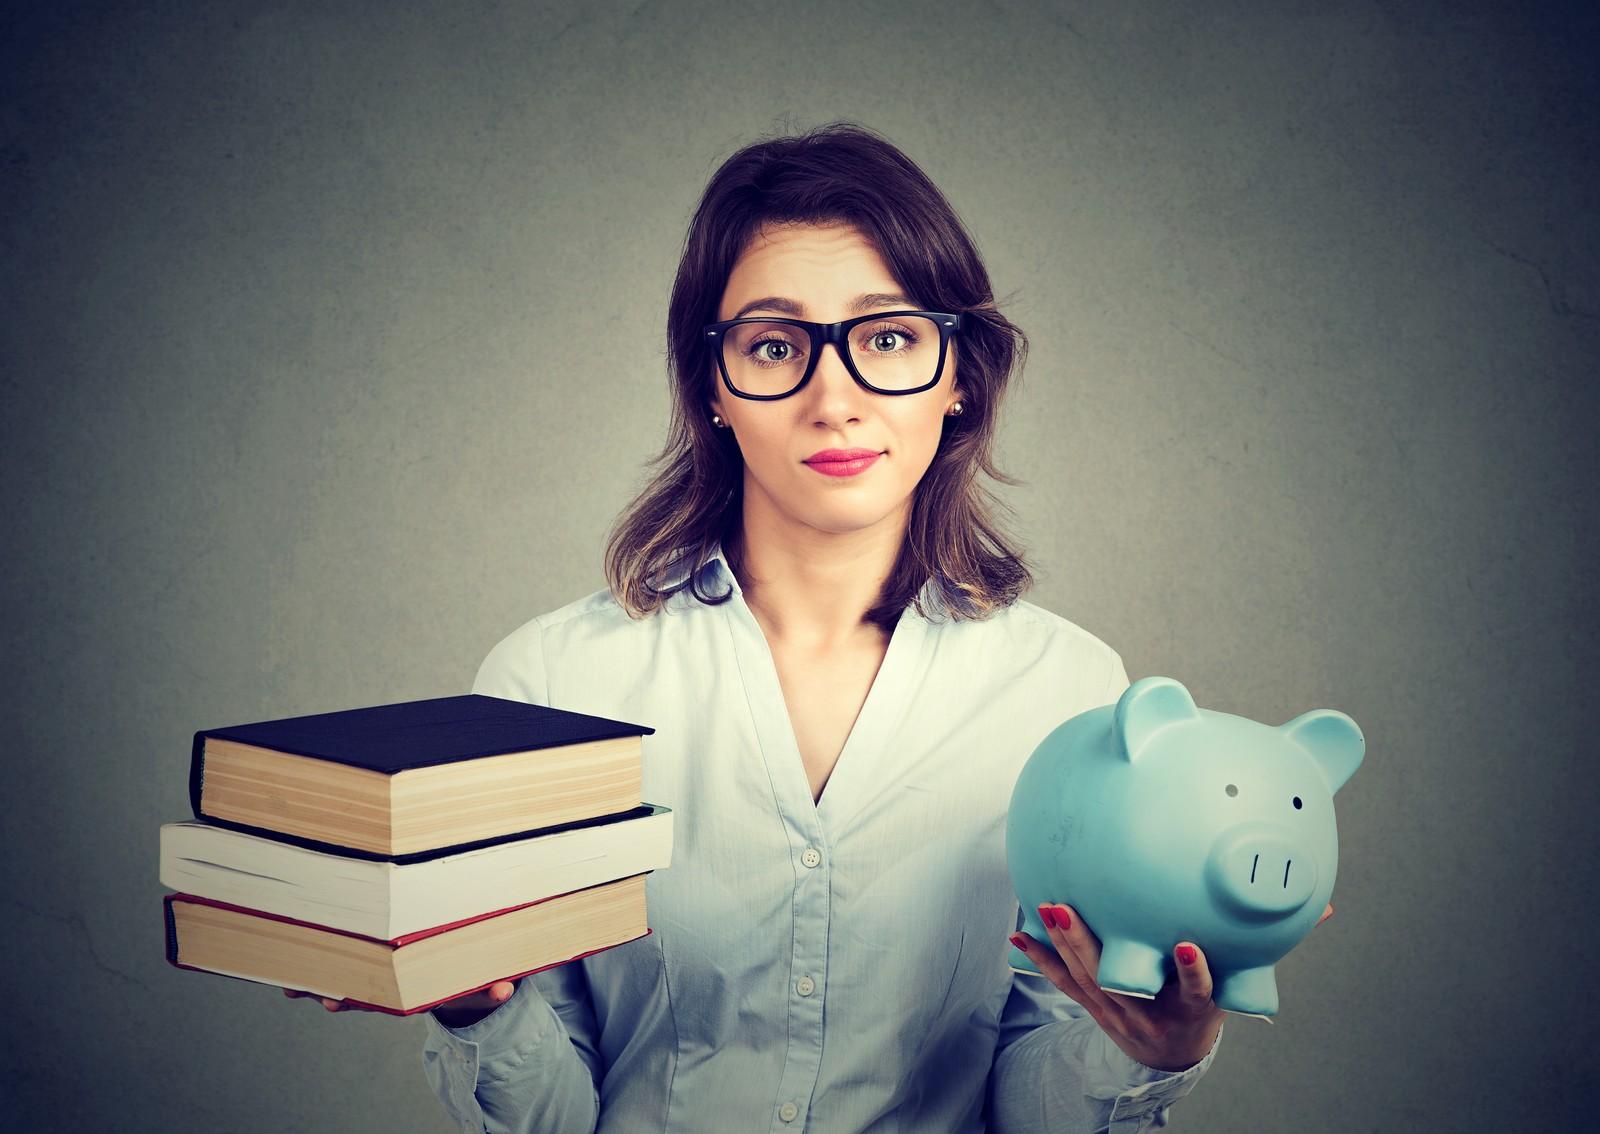 Wer nach dem ersten Abschluss in Vollzeit arbeitet und sich weiterbildet, hat keinen Anspruch auf Kindergeld.